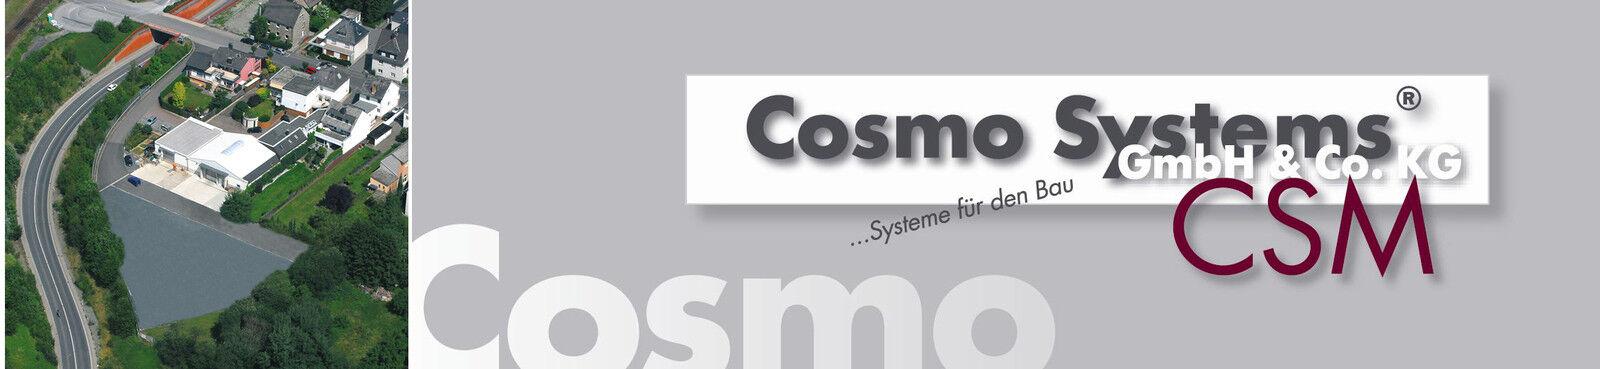 csm-profile